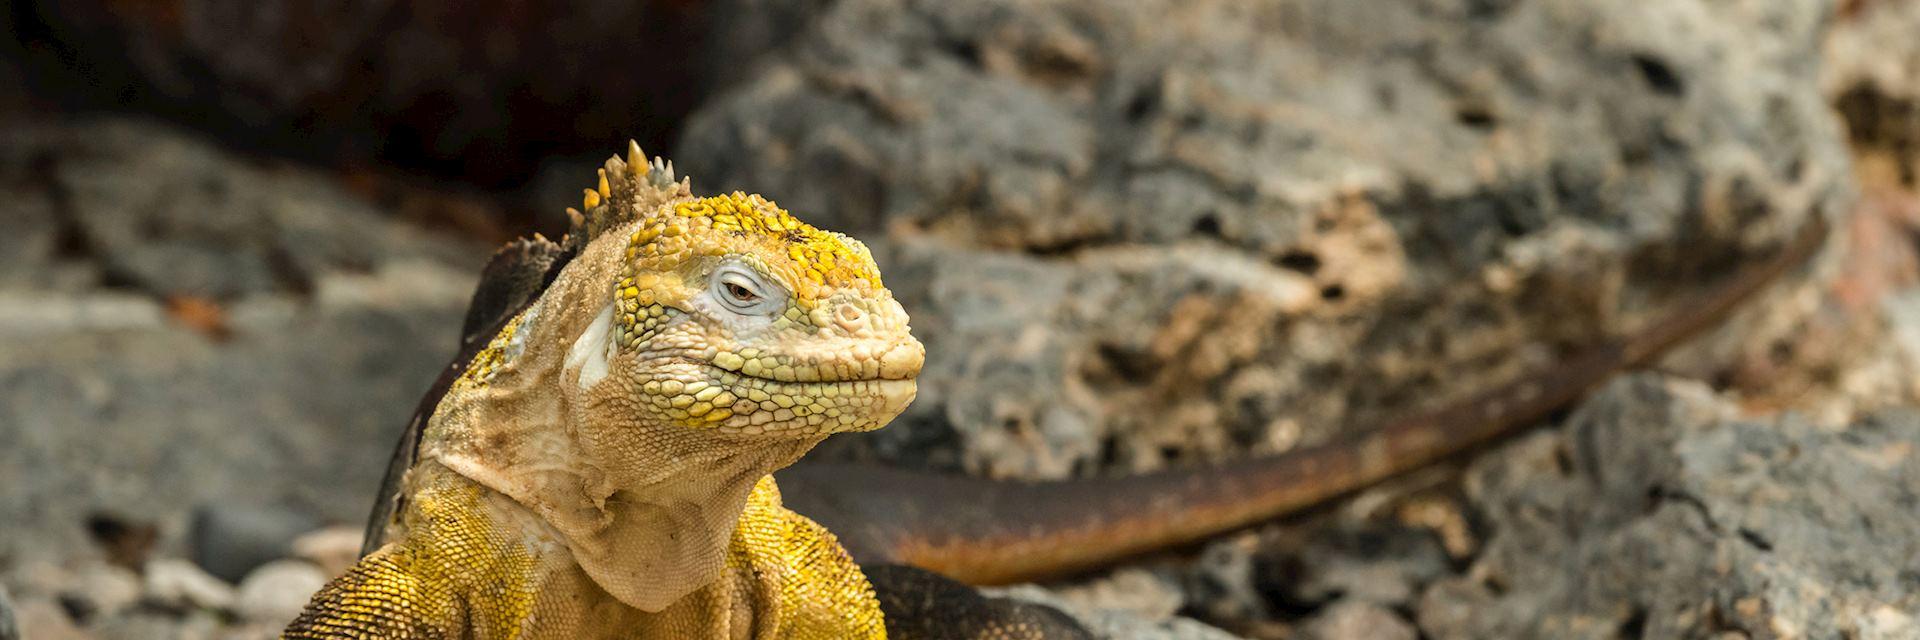 Land iguana on the Galapagos Islands